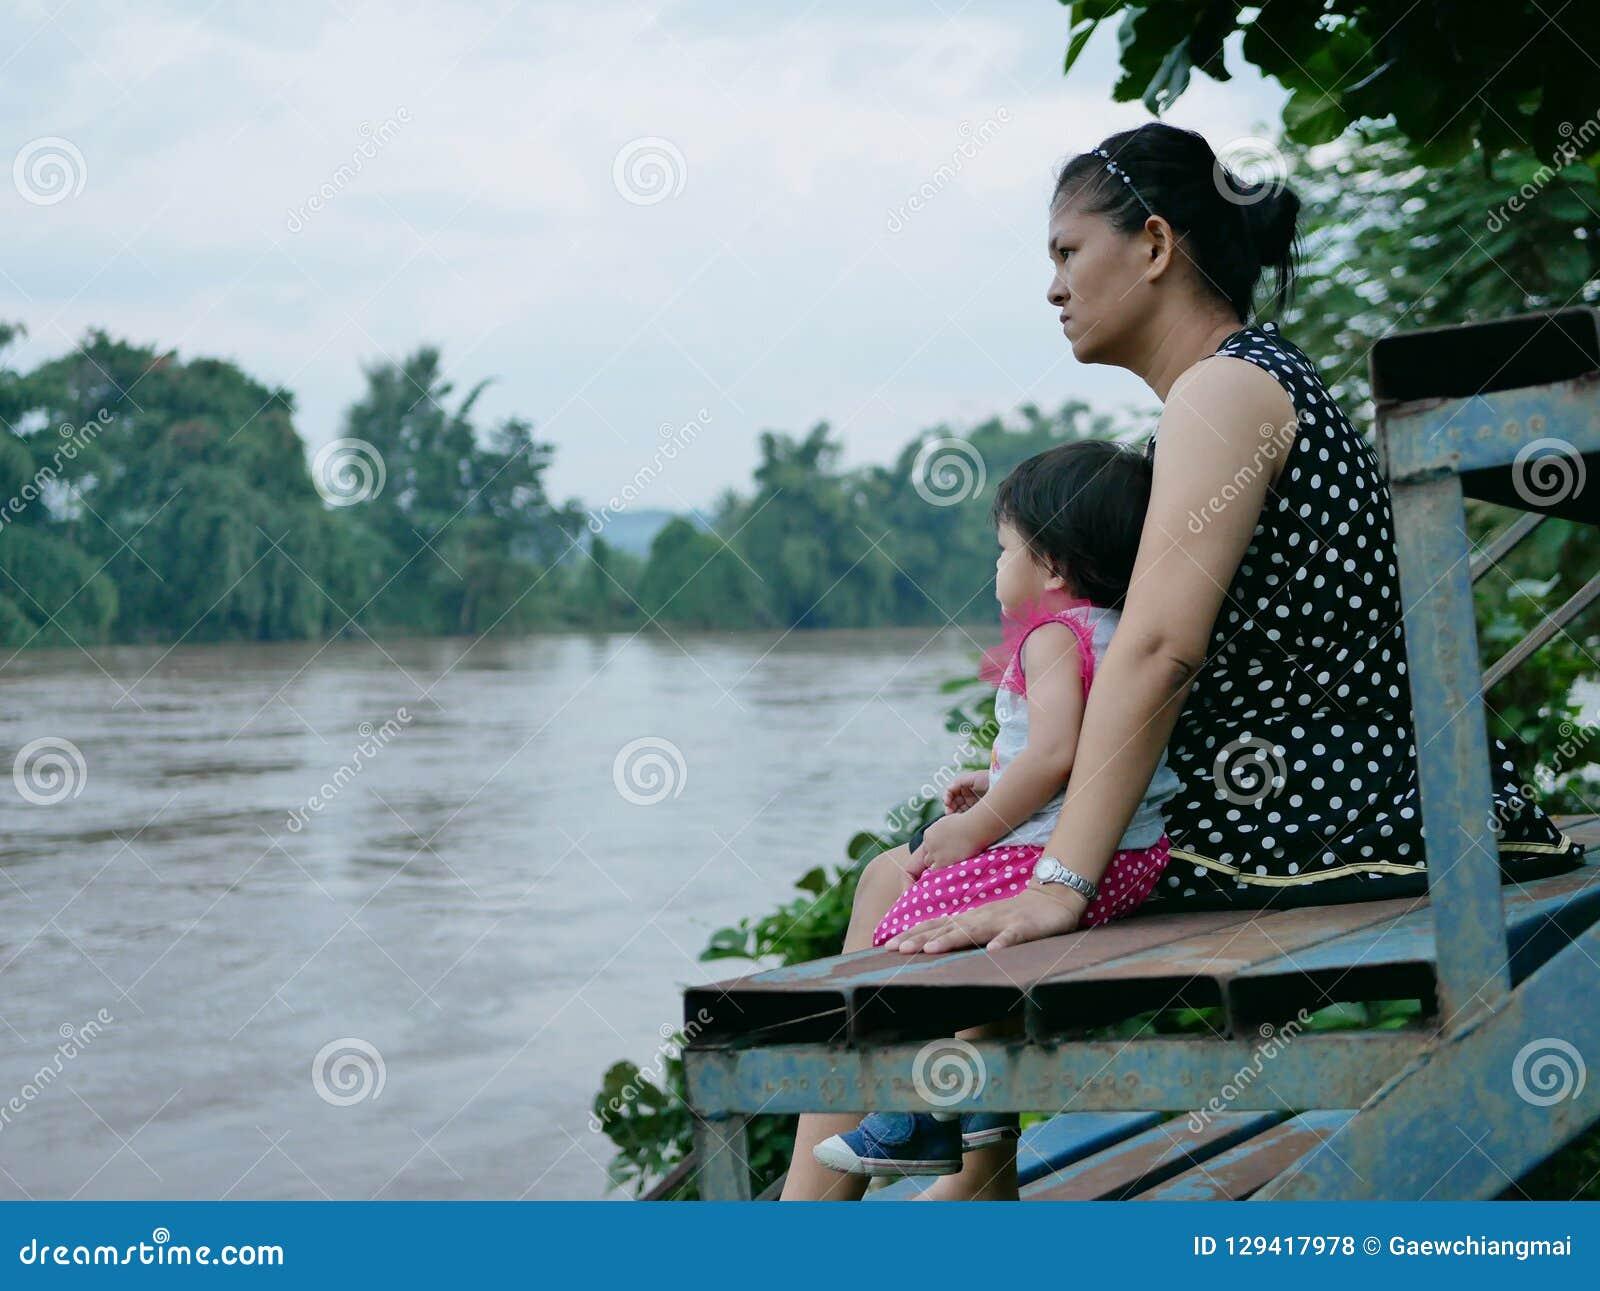 Asiatische Mutter und ihre kleine Tochter durch ihre Seite, die düsteren schlammigen Fluss nach Niederschlag betrachtet